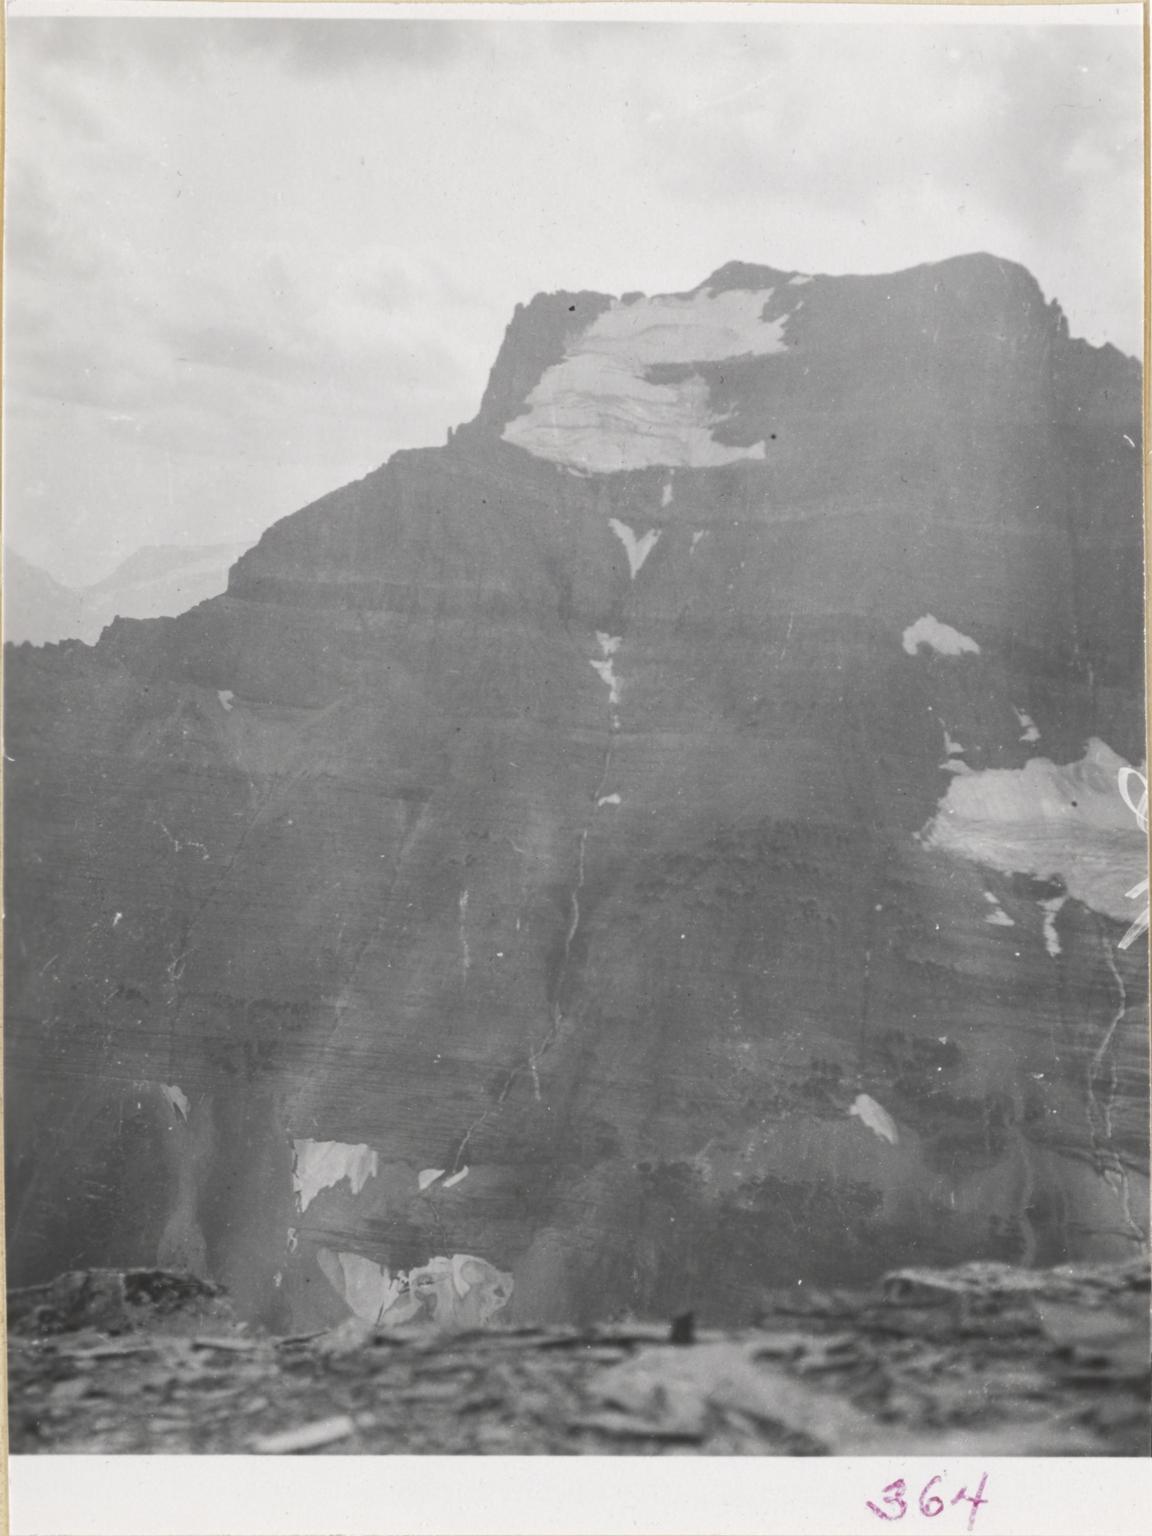 Sexton Glacier, Montana